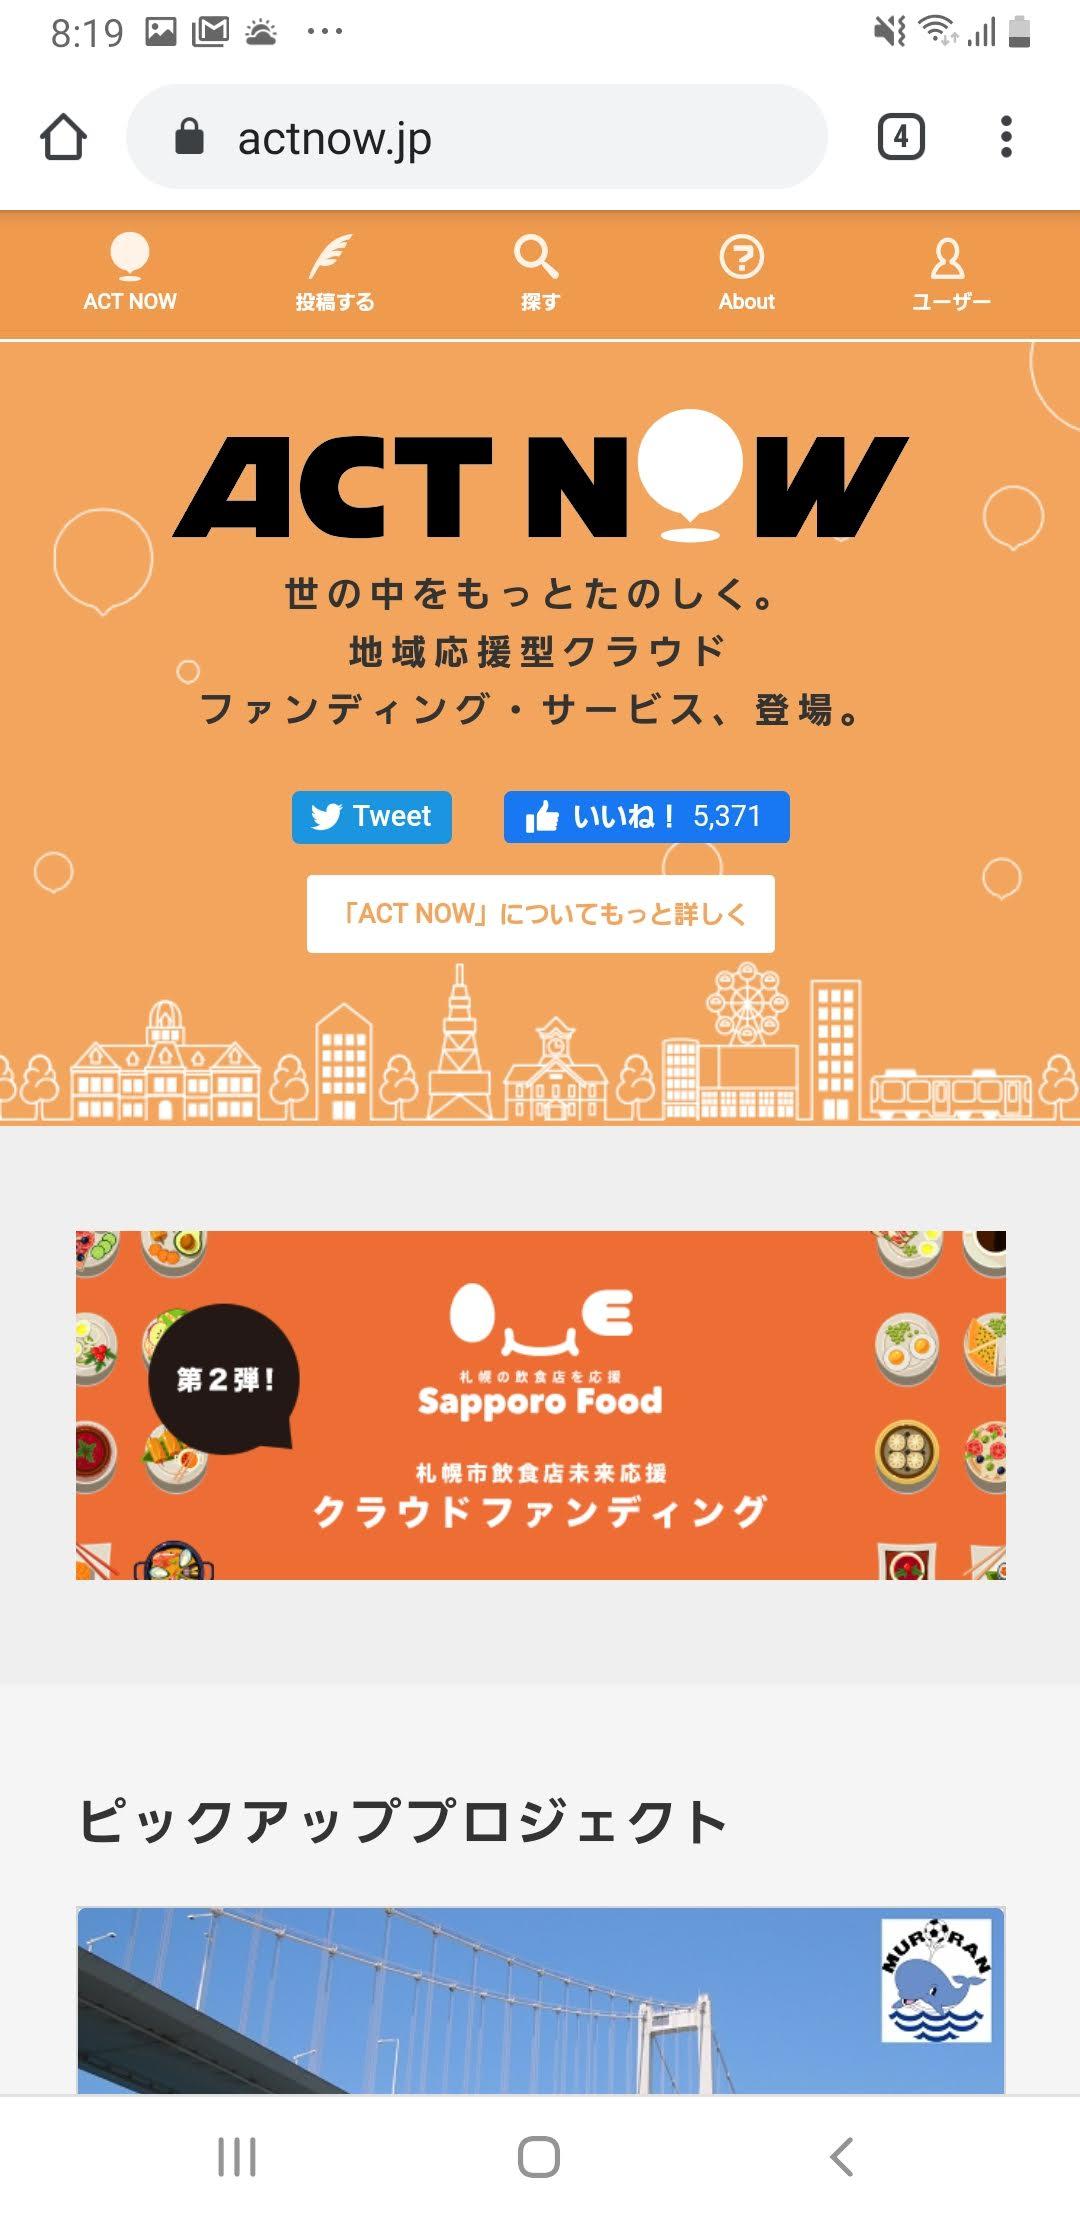 札幌市飲食店未来応援クラウドファンディングアクトナウ(ACT NOW)でのお食事券の購入方法手順の画像_18